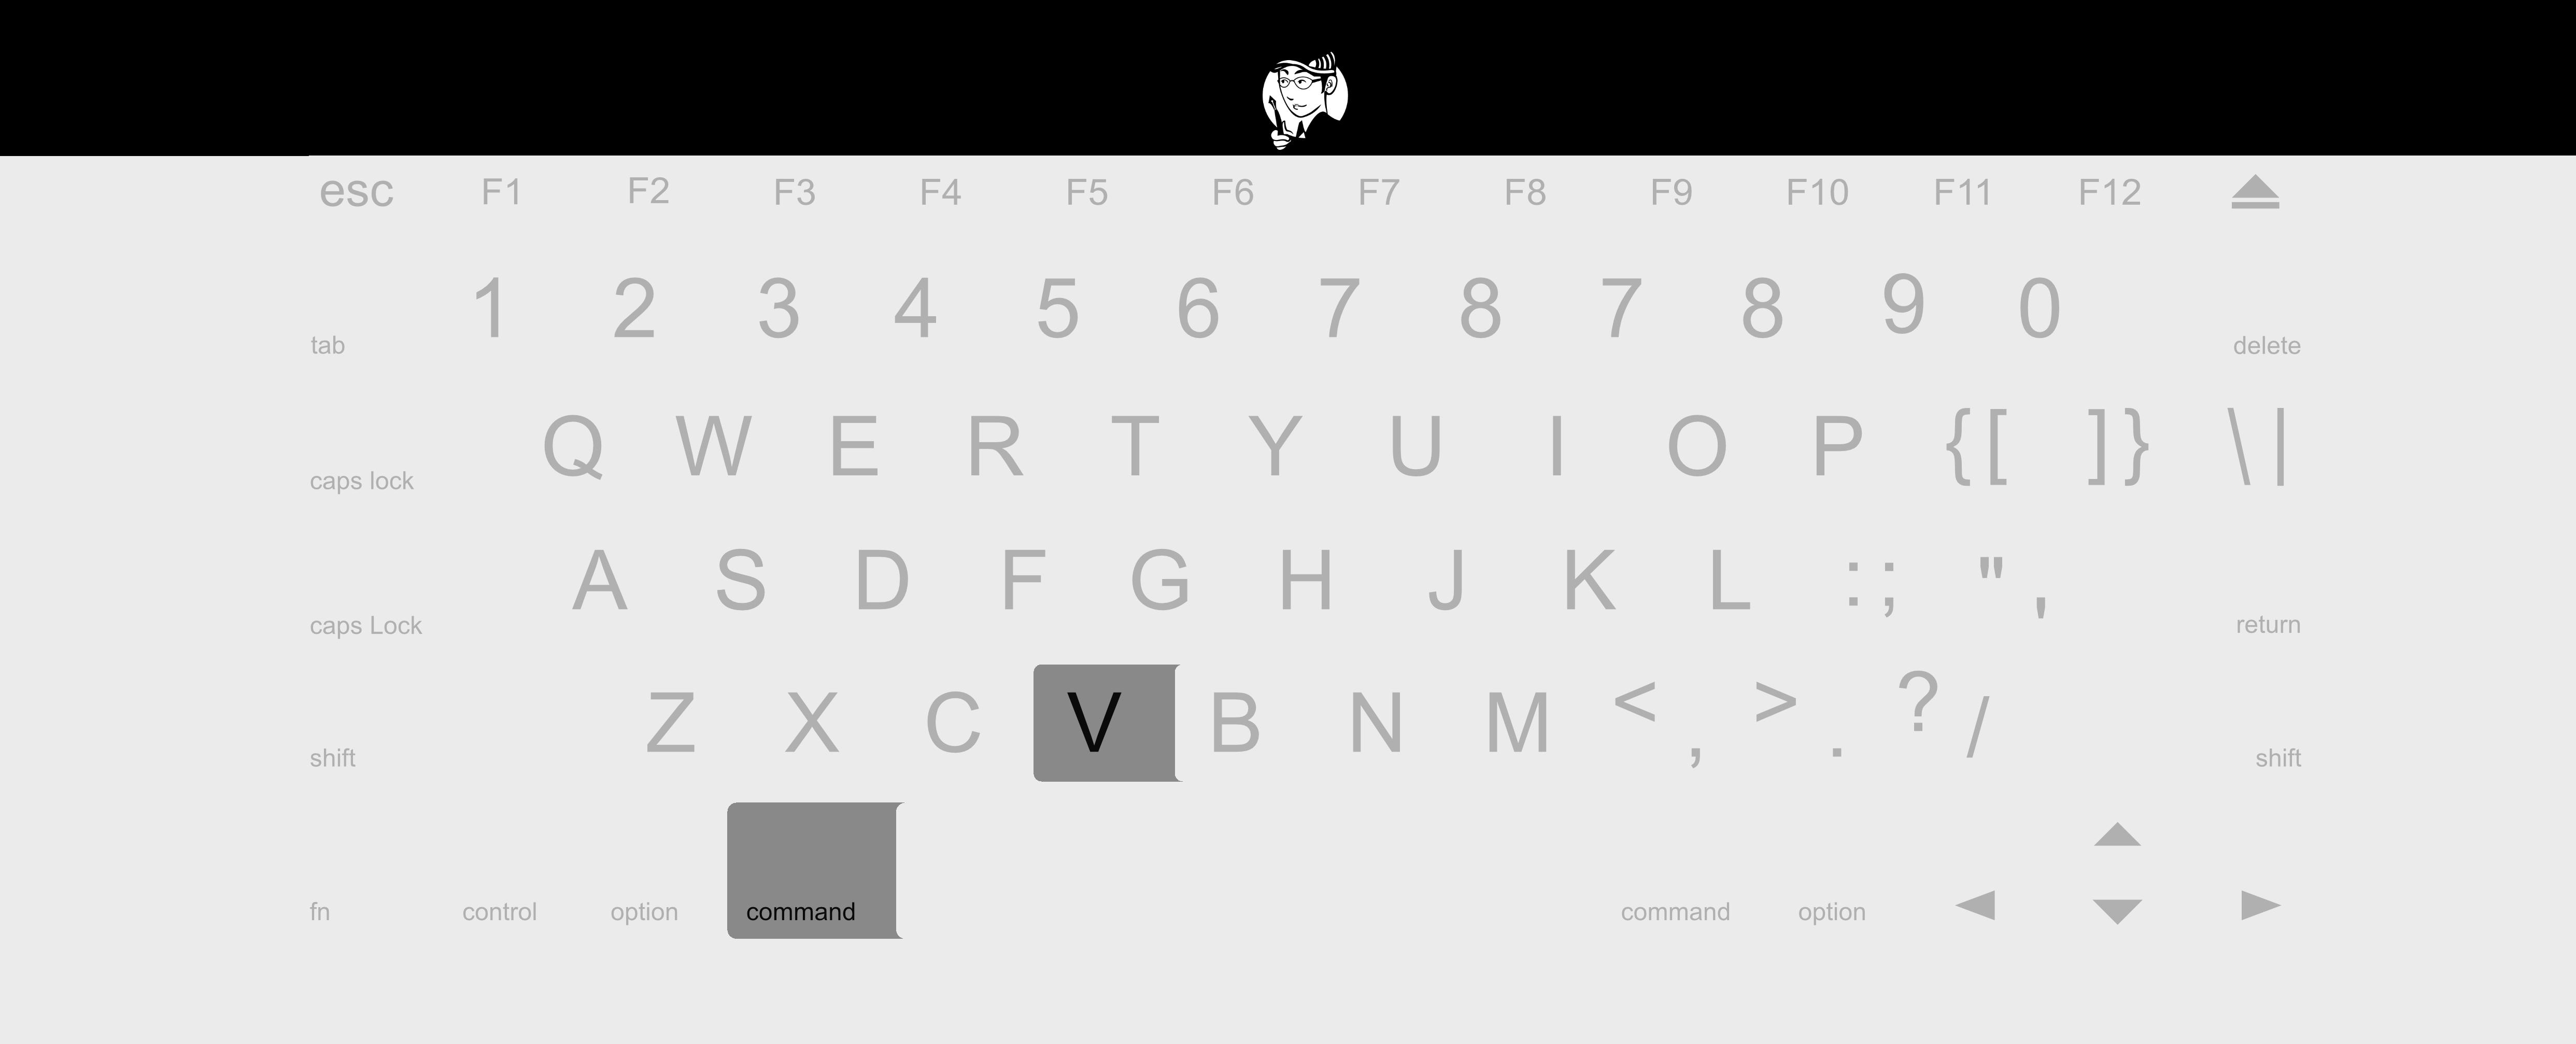 按住鍵盤上的 Command +C 即可複製選取範圍內的內容